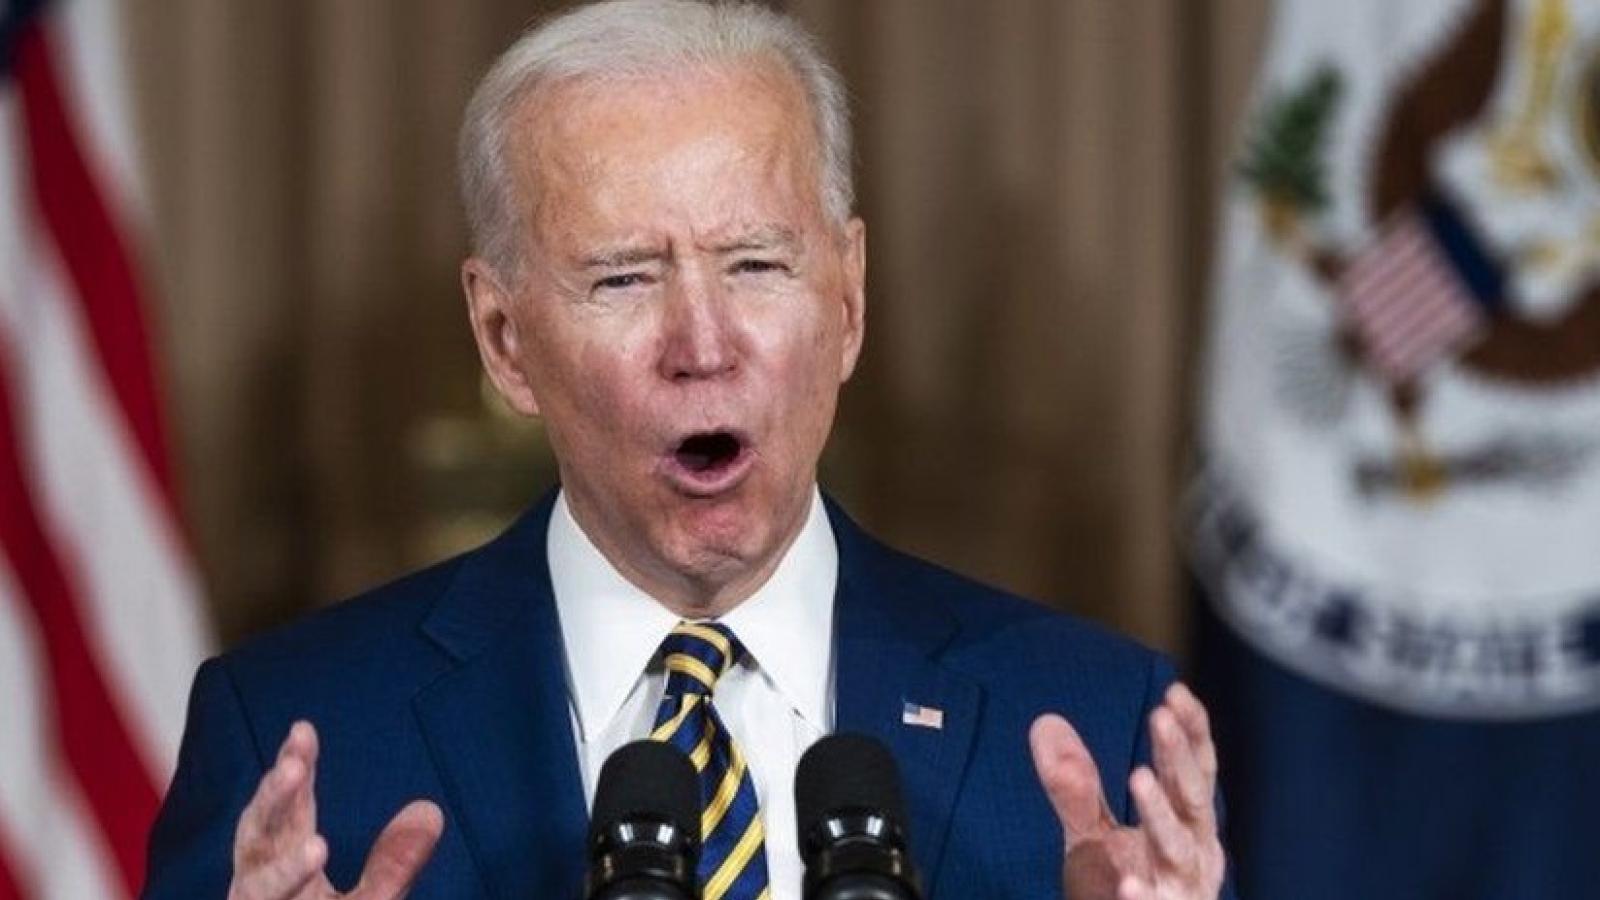 Ông Biden có thể thúc đẩy kế hoạch cứu trợ Covid-19 mà không cần đảng Cộng hòa